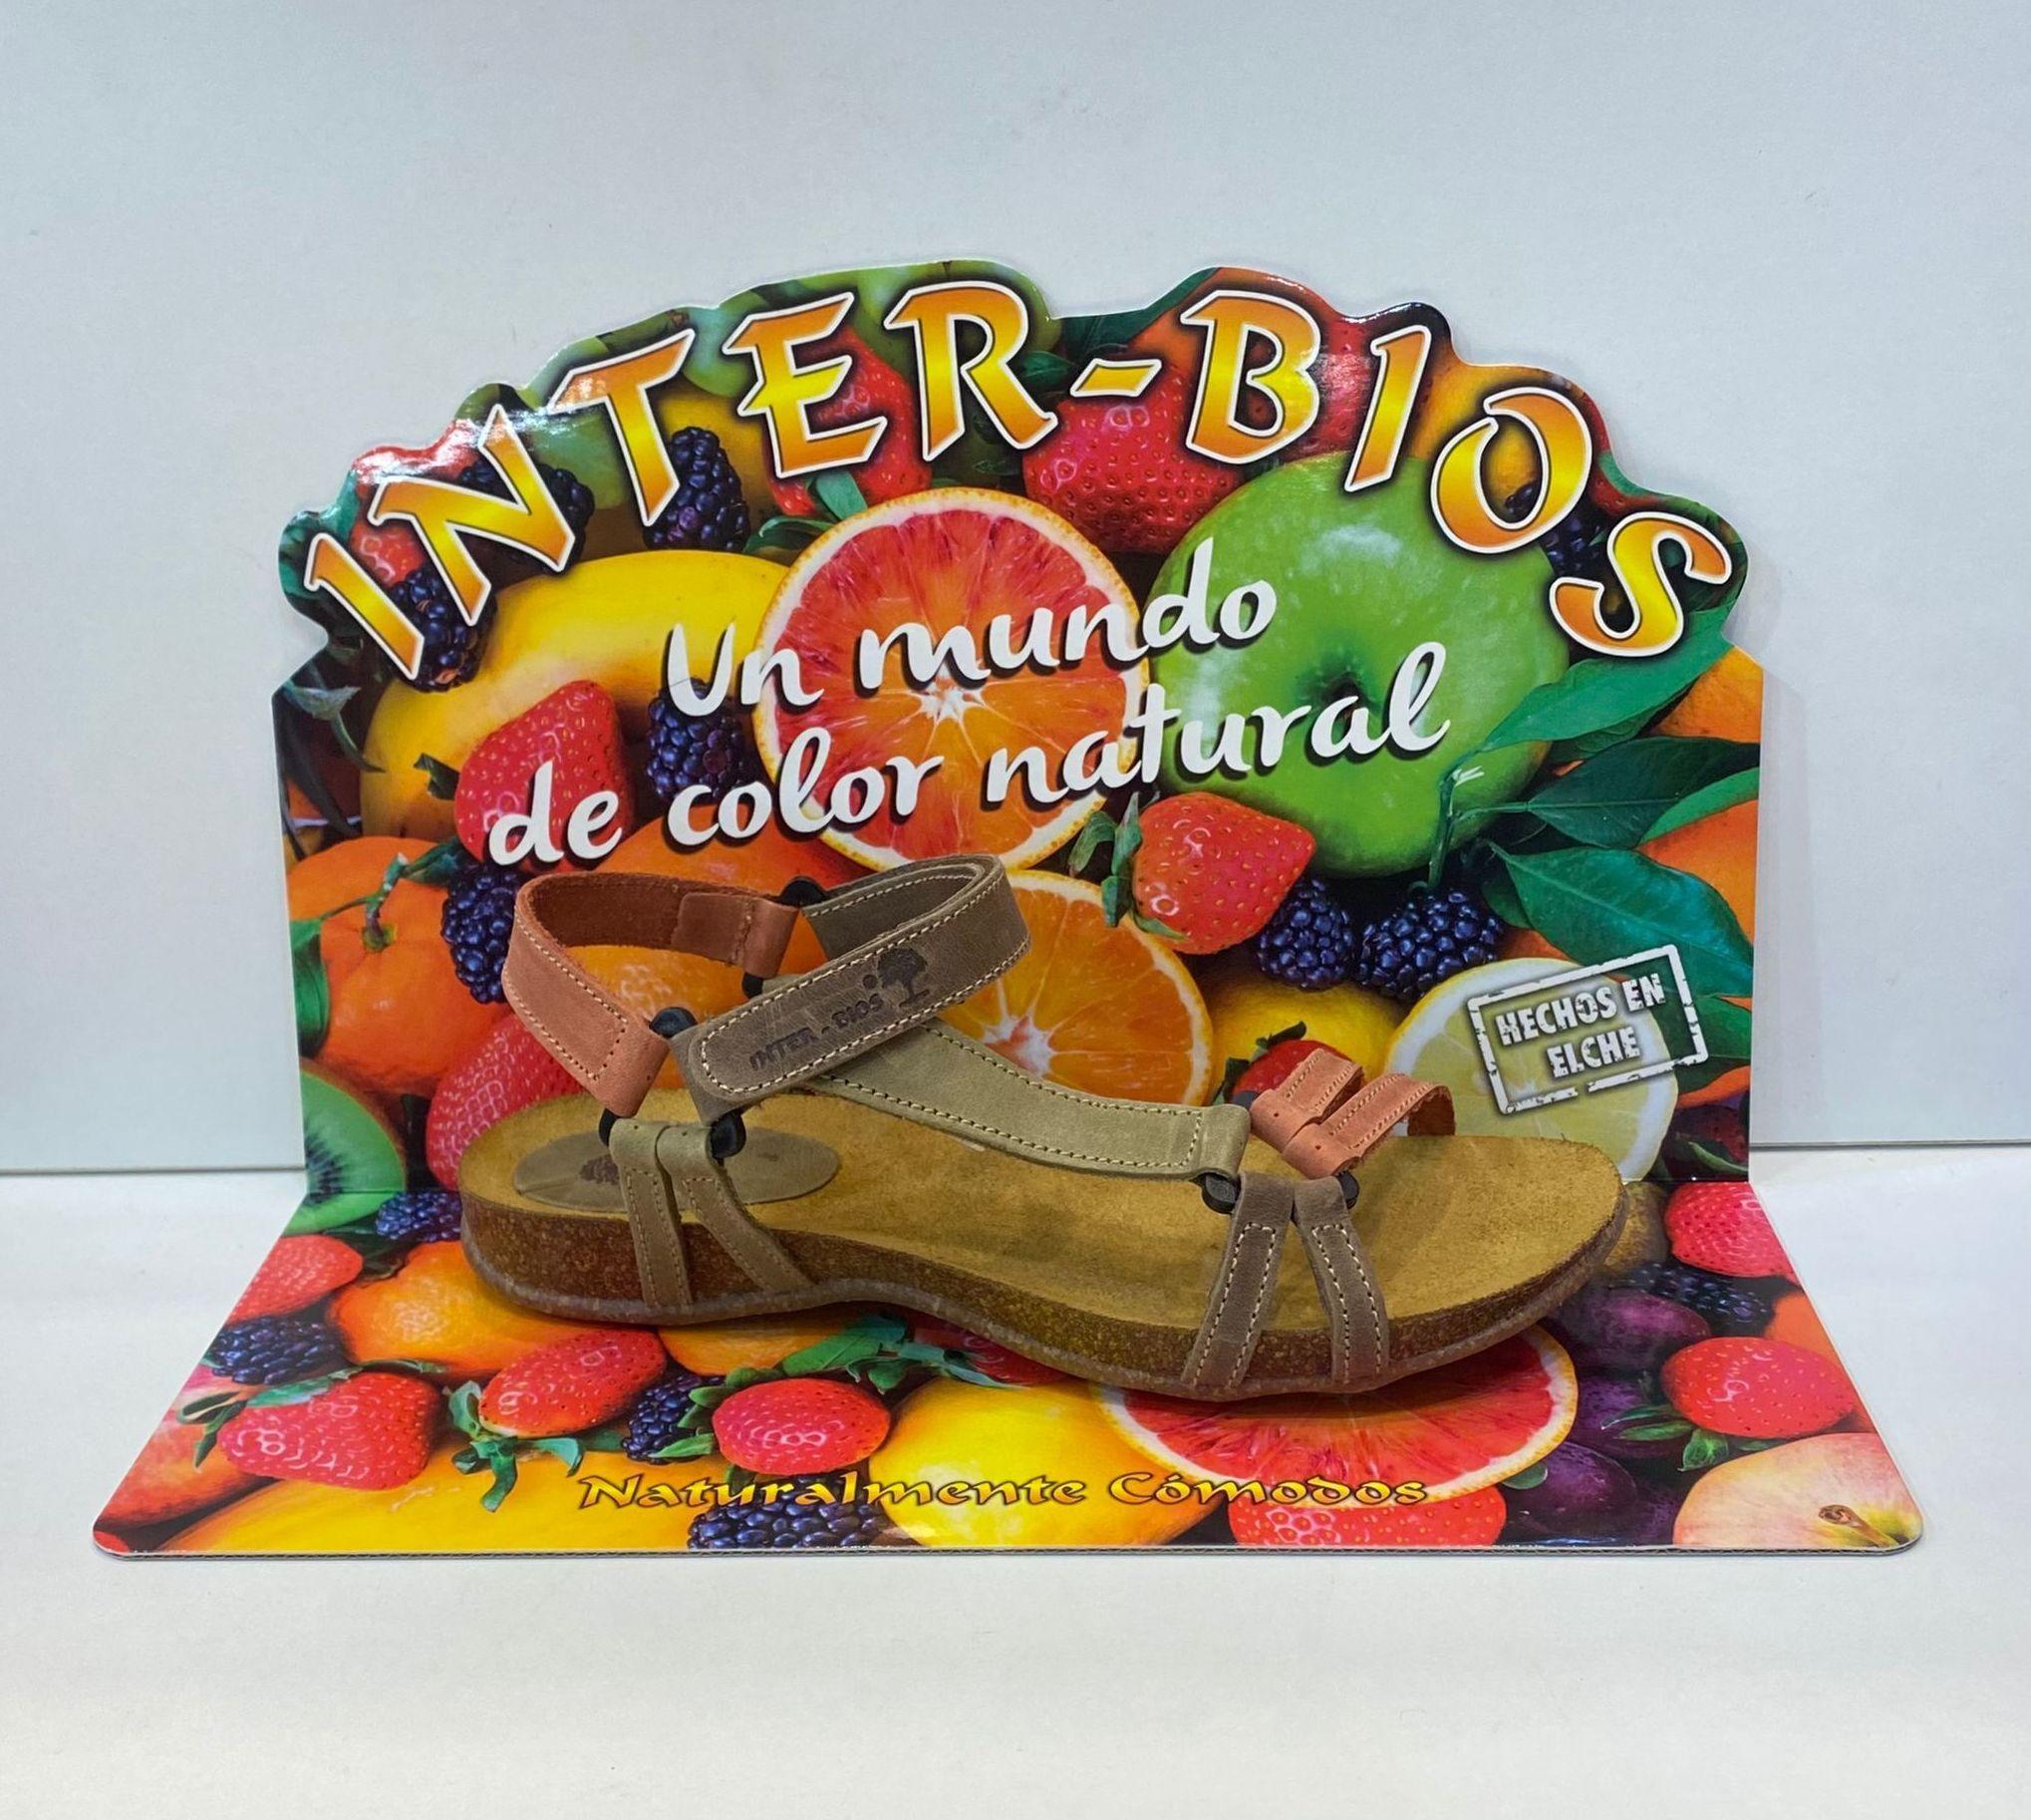 Sandàlia de dona, de la marca Inter-Bios, adaptable a totes les amplades, plantilla anatòmica de suro premsat i sola de cepe entilliscant 52€ www.calzadosllinas.es